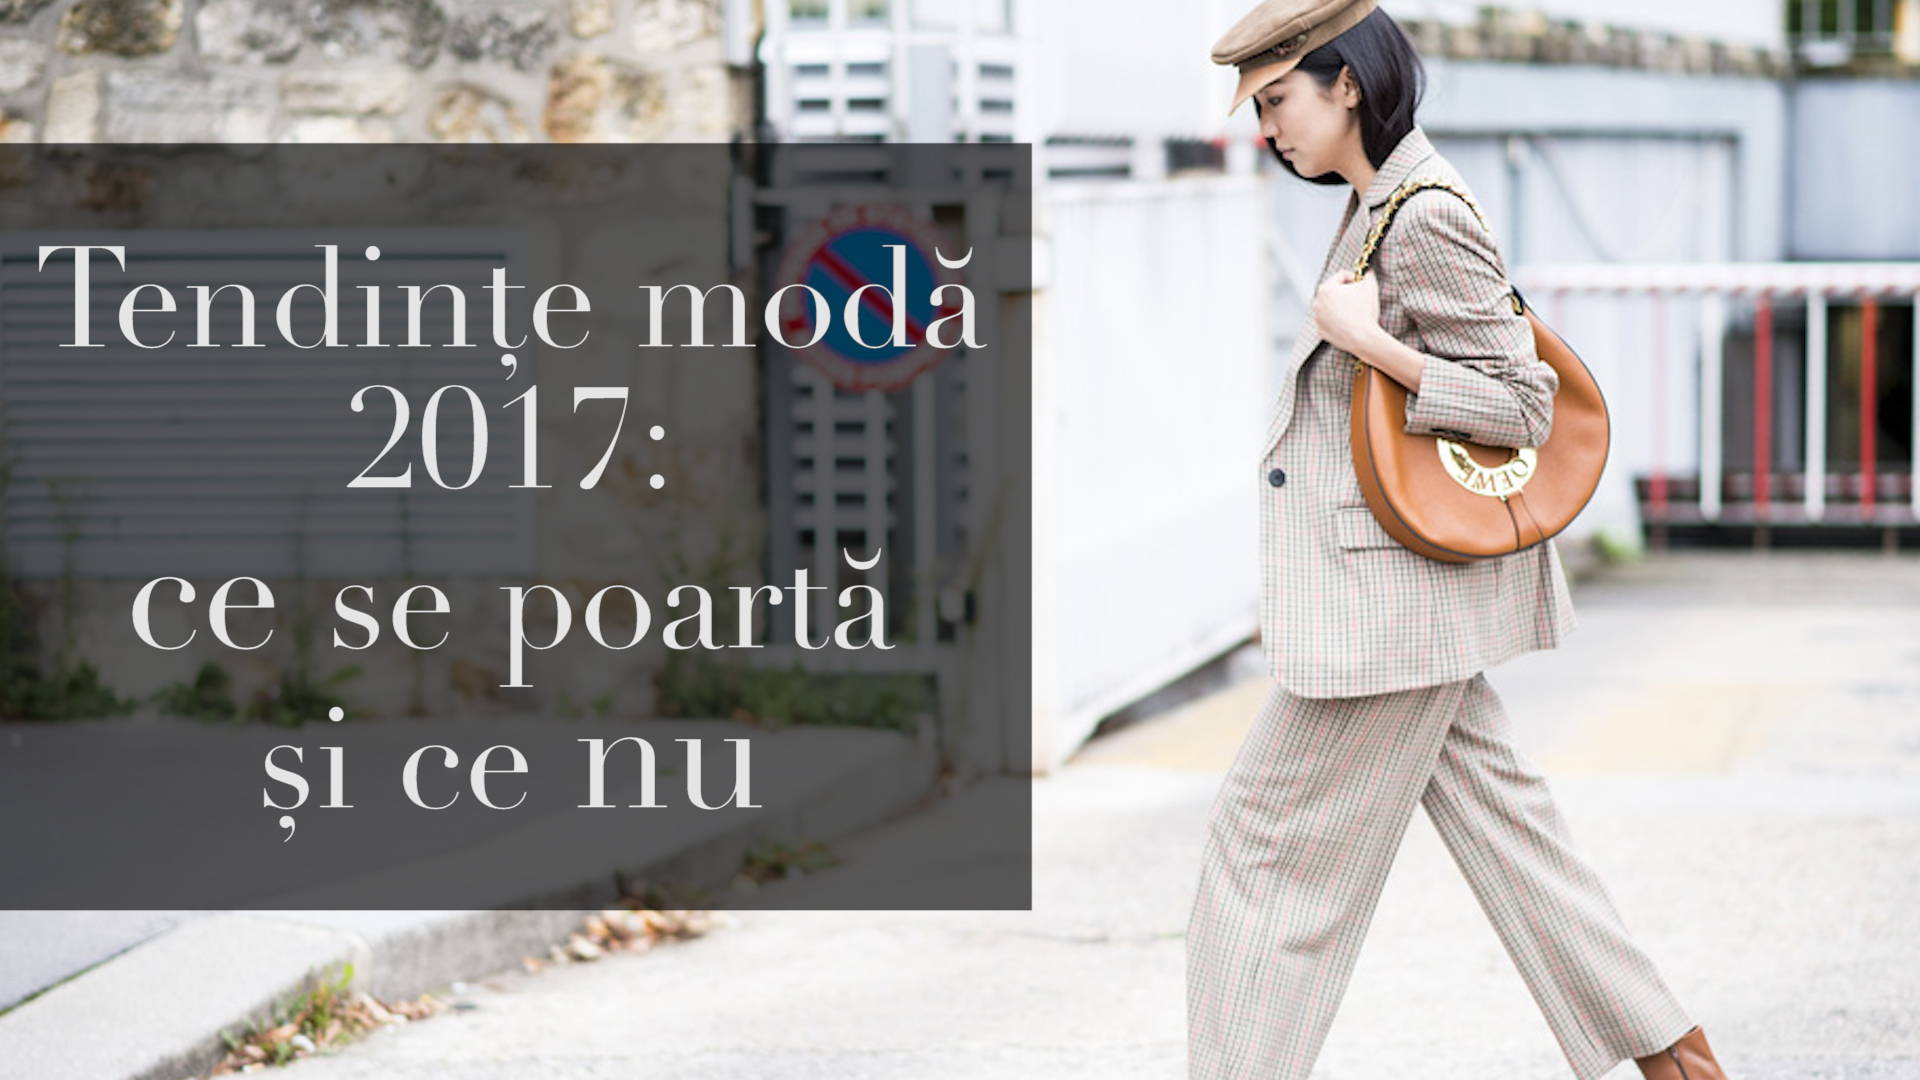 Tendinte moda 2017: ce se poarta si ce nu (VIDEO)